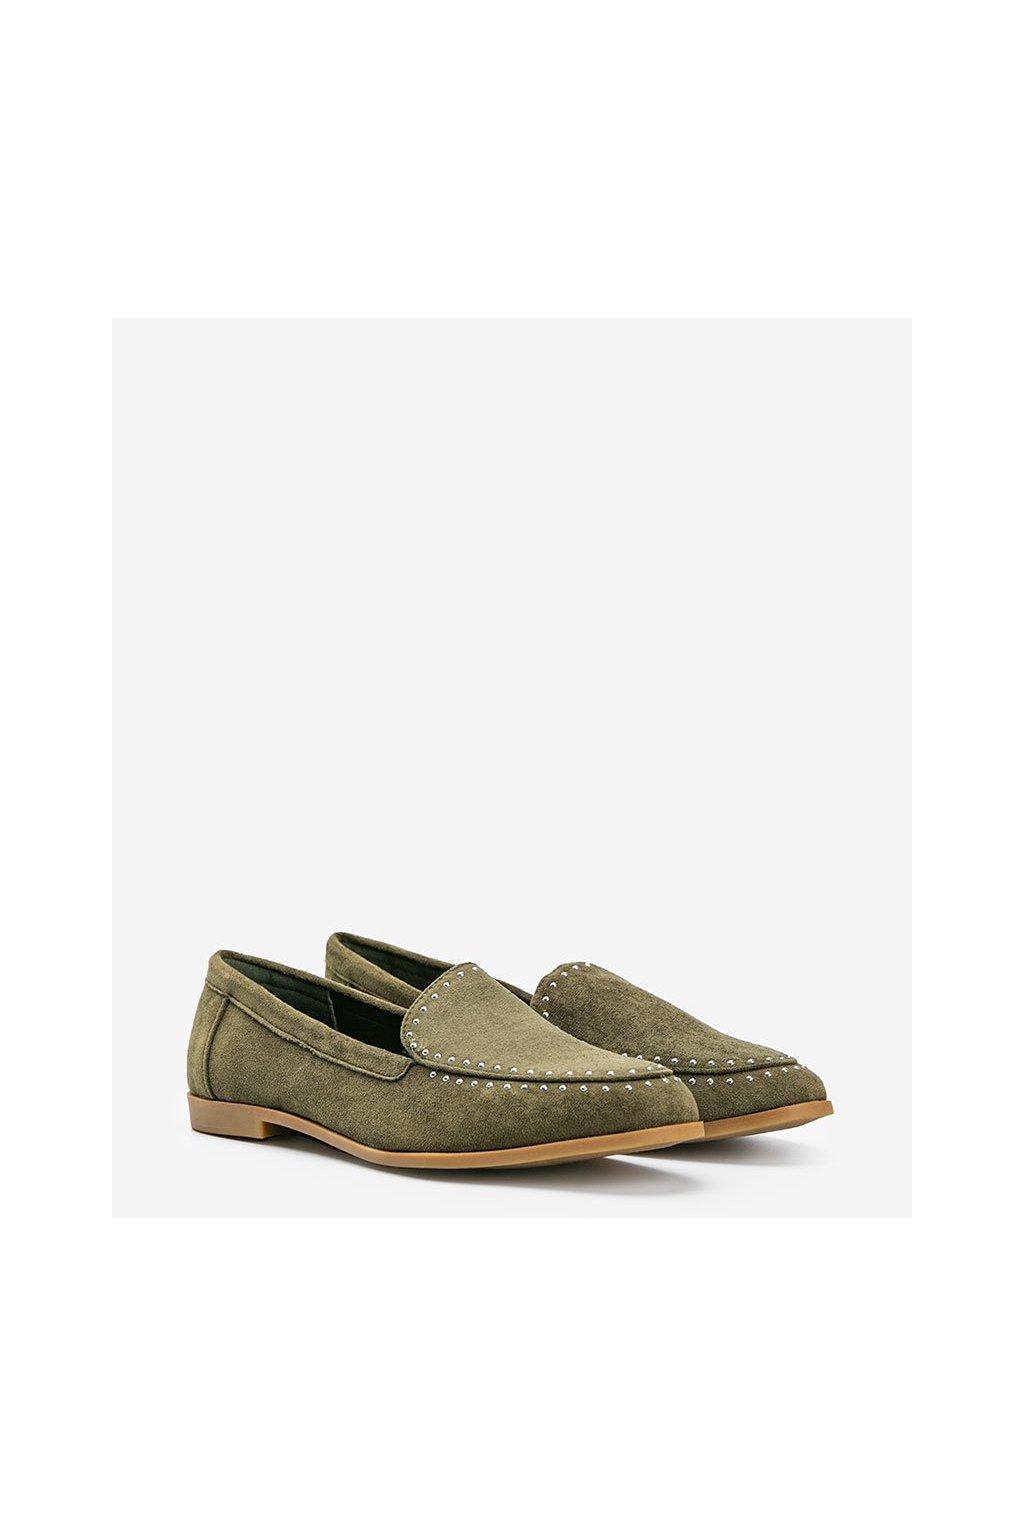 Dámske topánky mokasíny zelené kód 4322 - GM